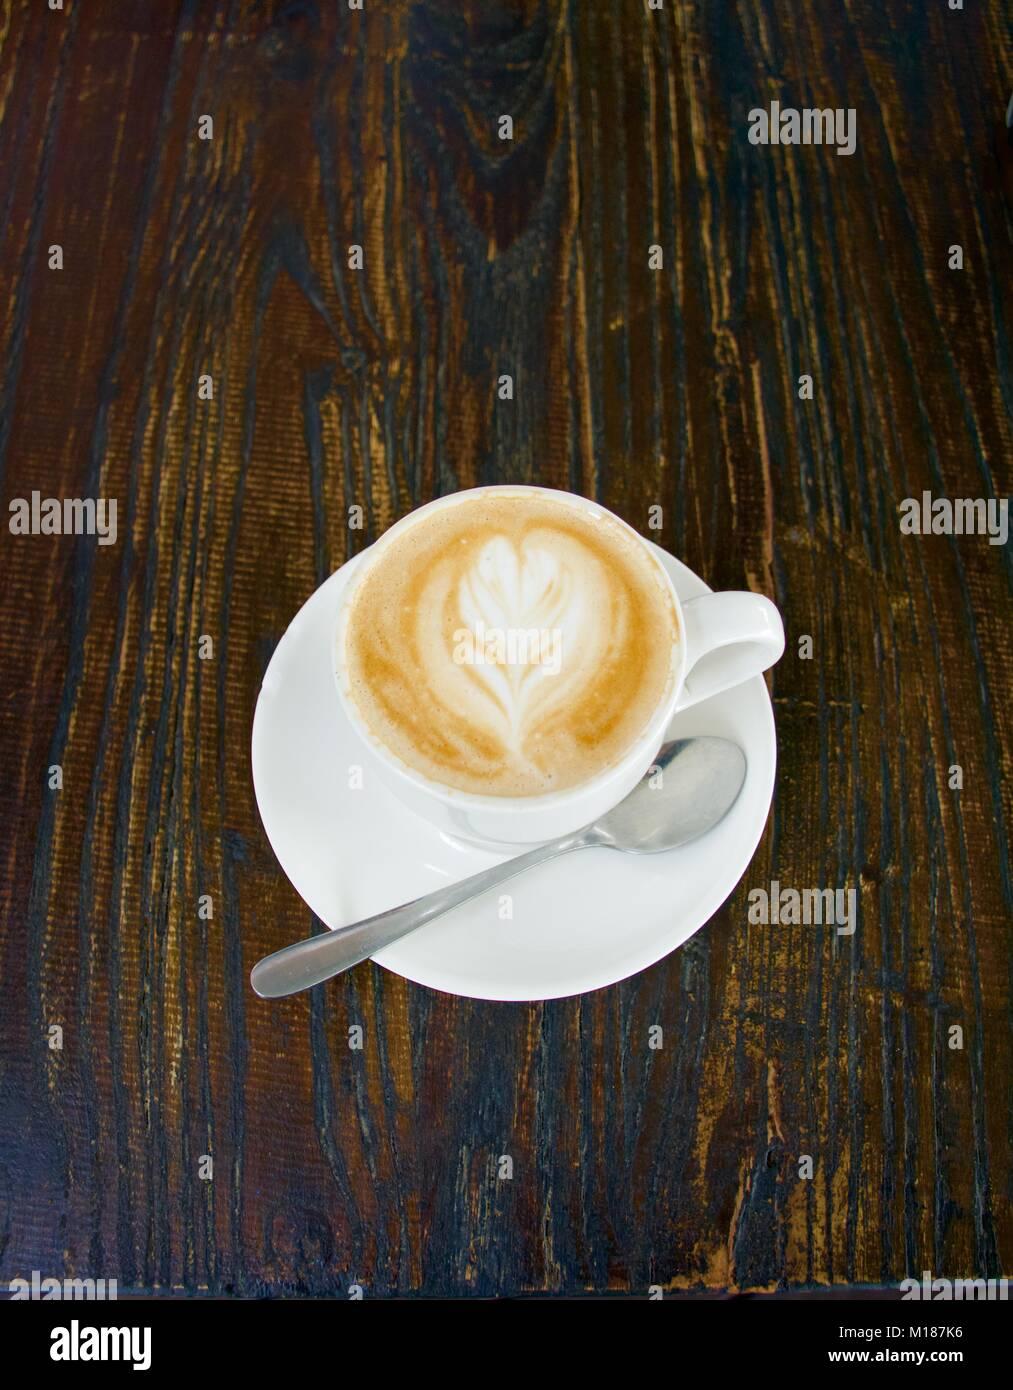 Flache weiße Kaffee mit Muster in Schaum mit Löffel auf einem dunklen Hintergrund Stockbild